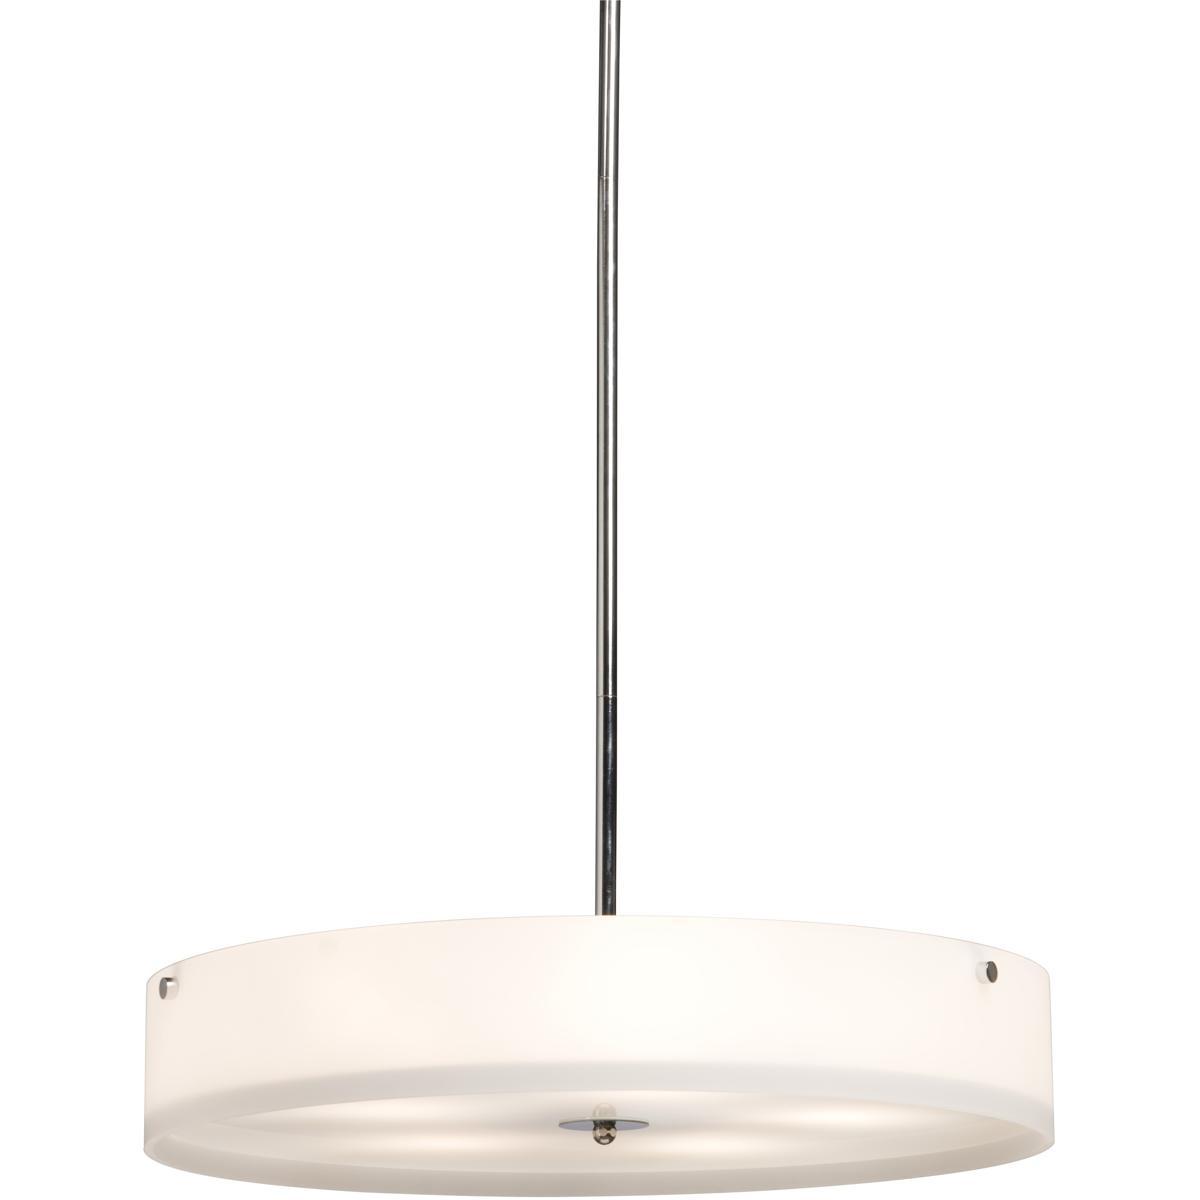 Artcraft Lighting AC7101 San Deigo 4 Light 16 inch Chrome Pe